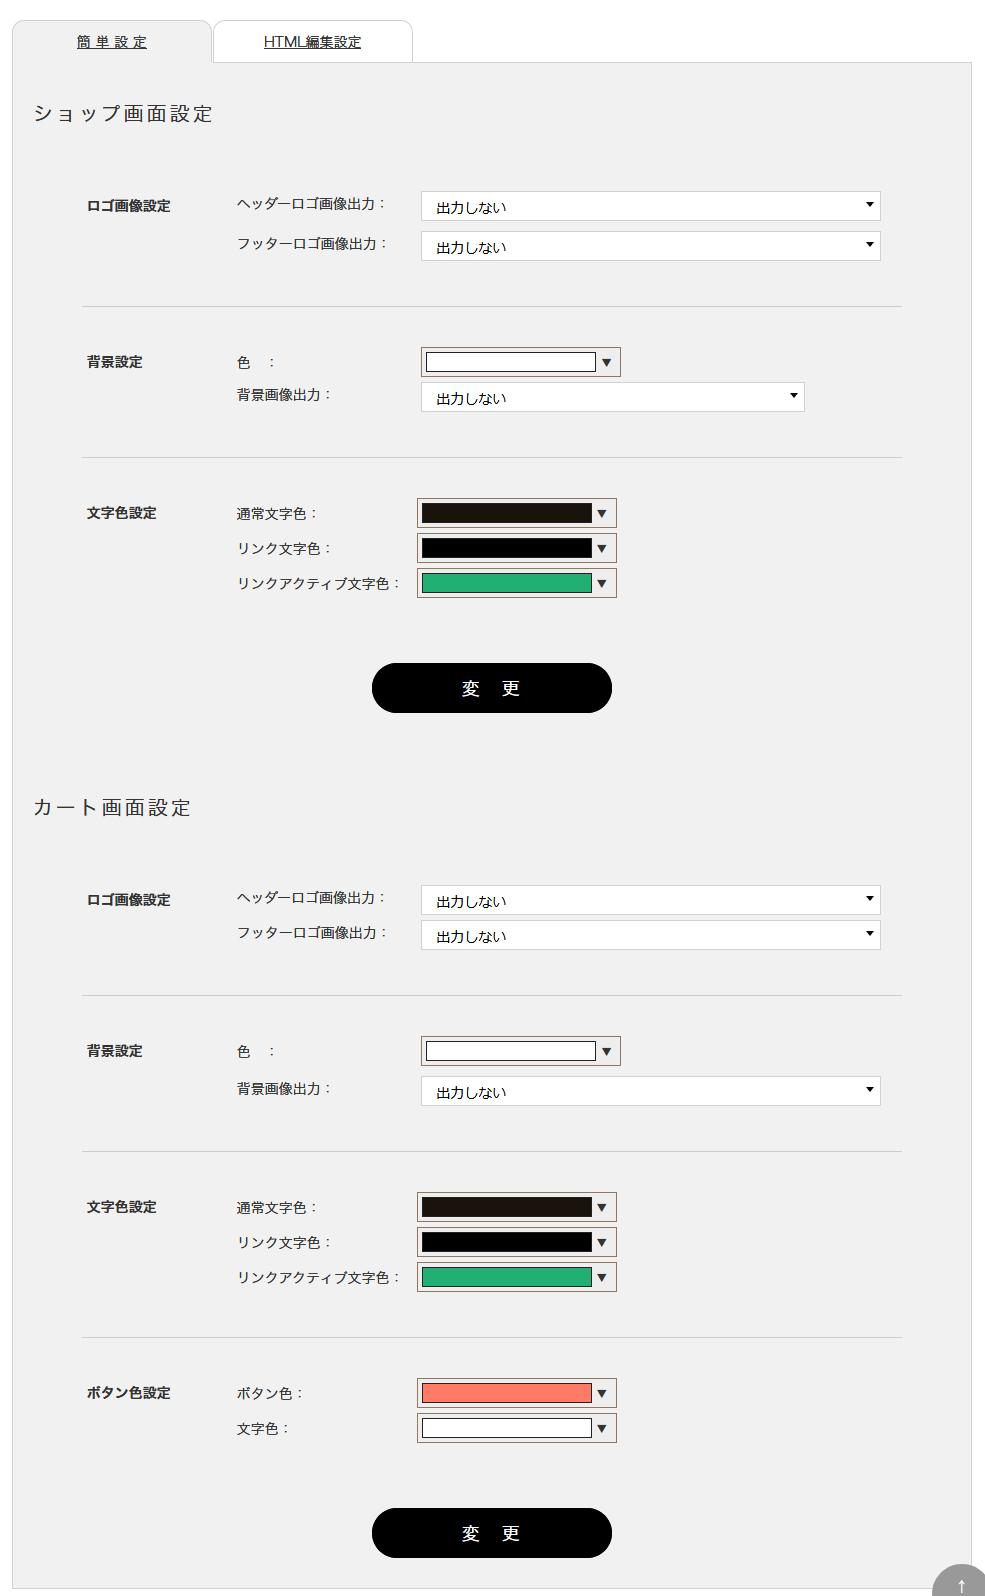 らくうるカートのデザイン編集